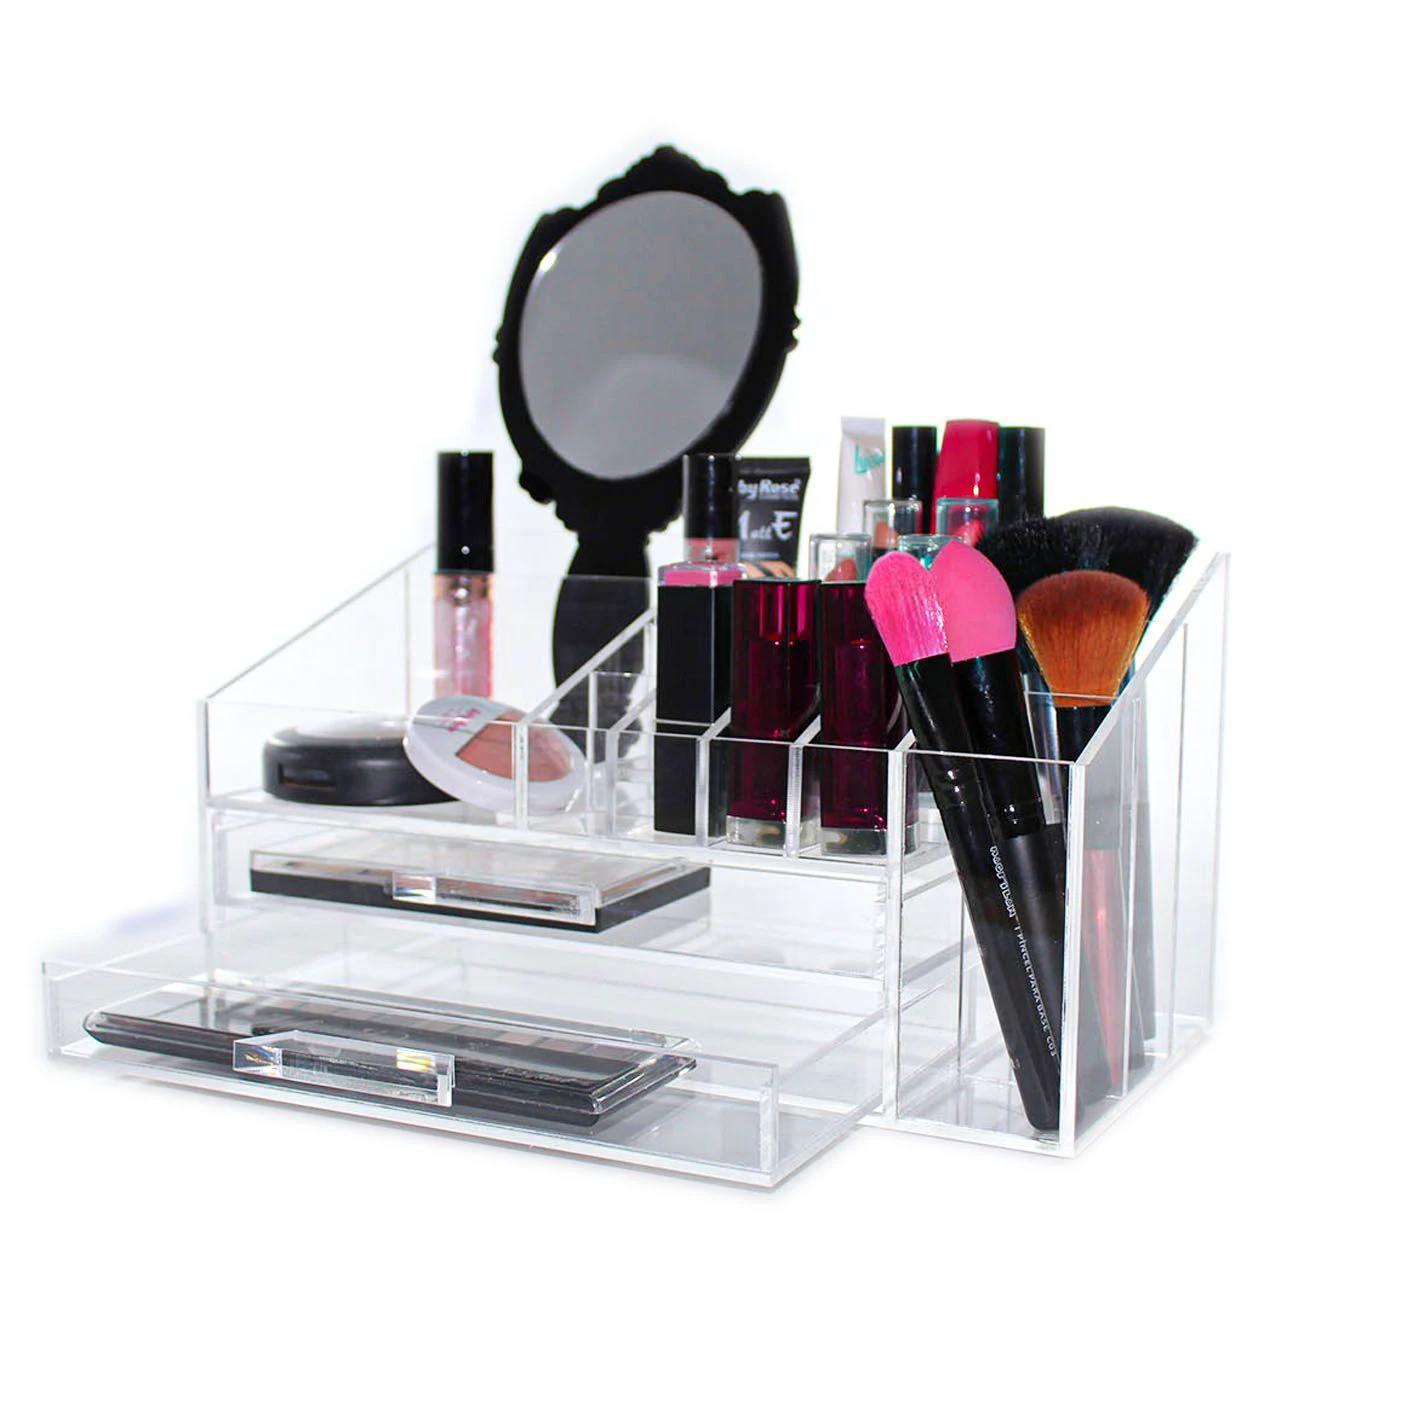 Organizador de Maquiagem Compacto